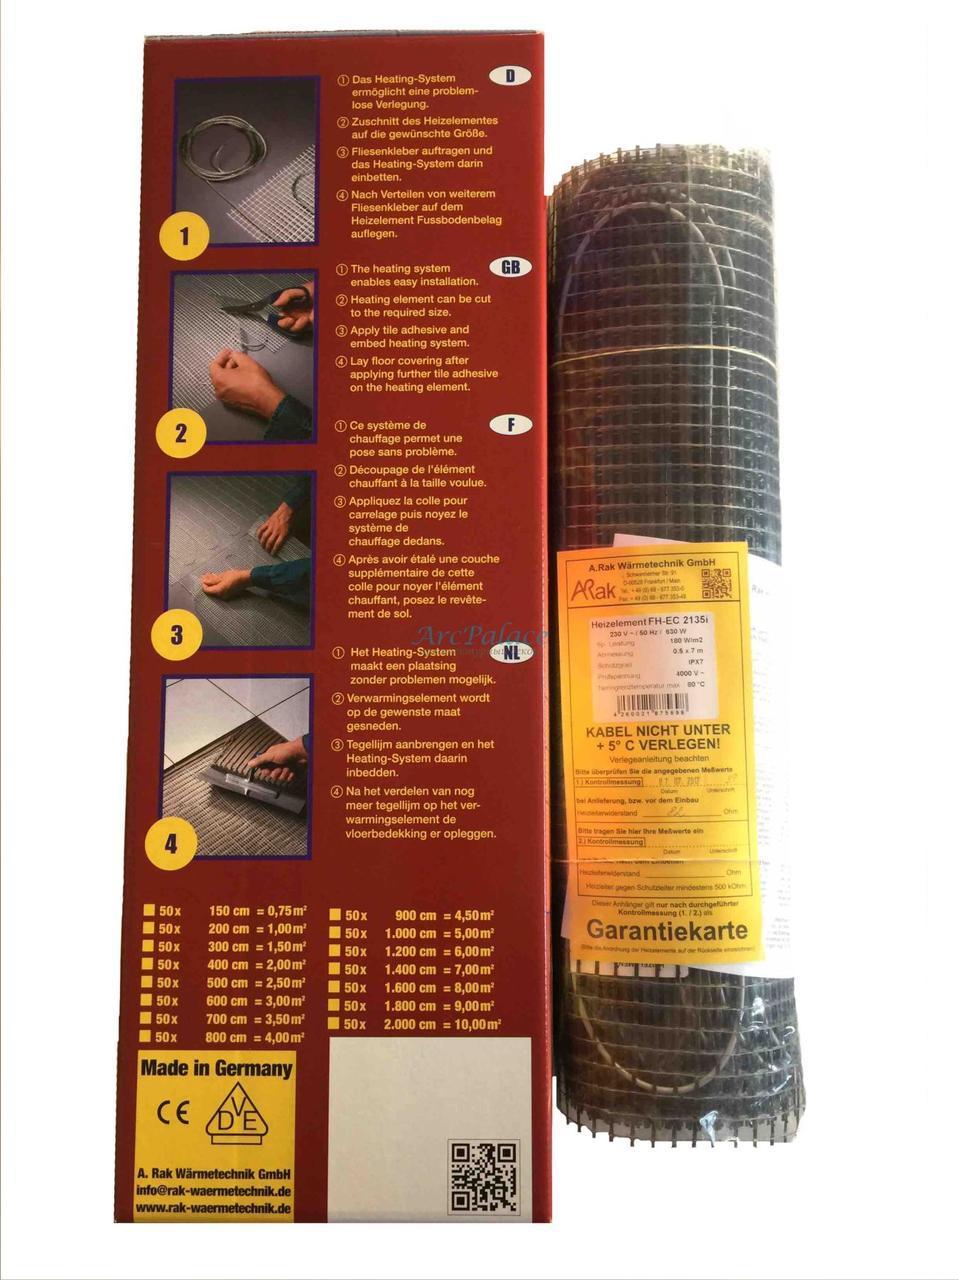 Нагревательный мат Arnold Rak FH-EC 21120 (Германия) 12 м.кв. Теплый пол